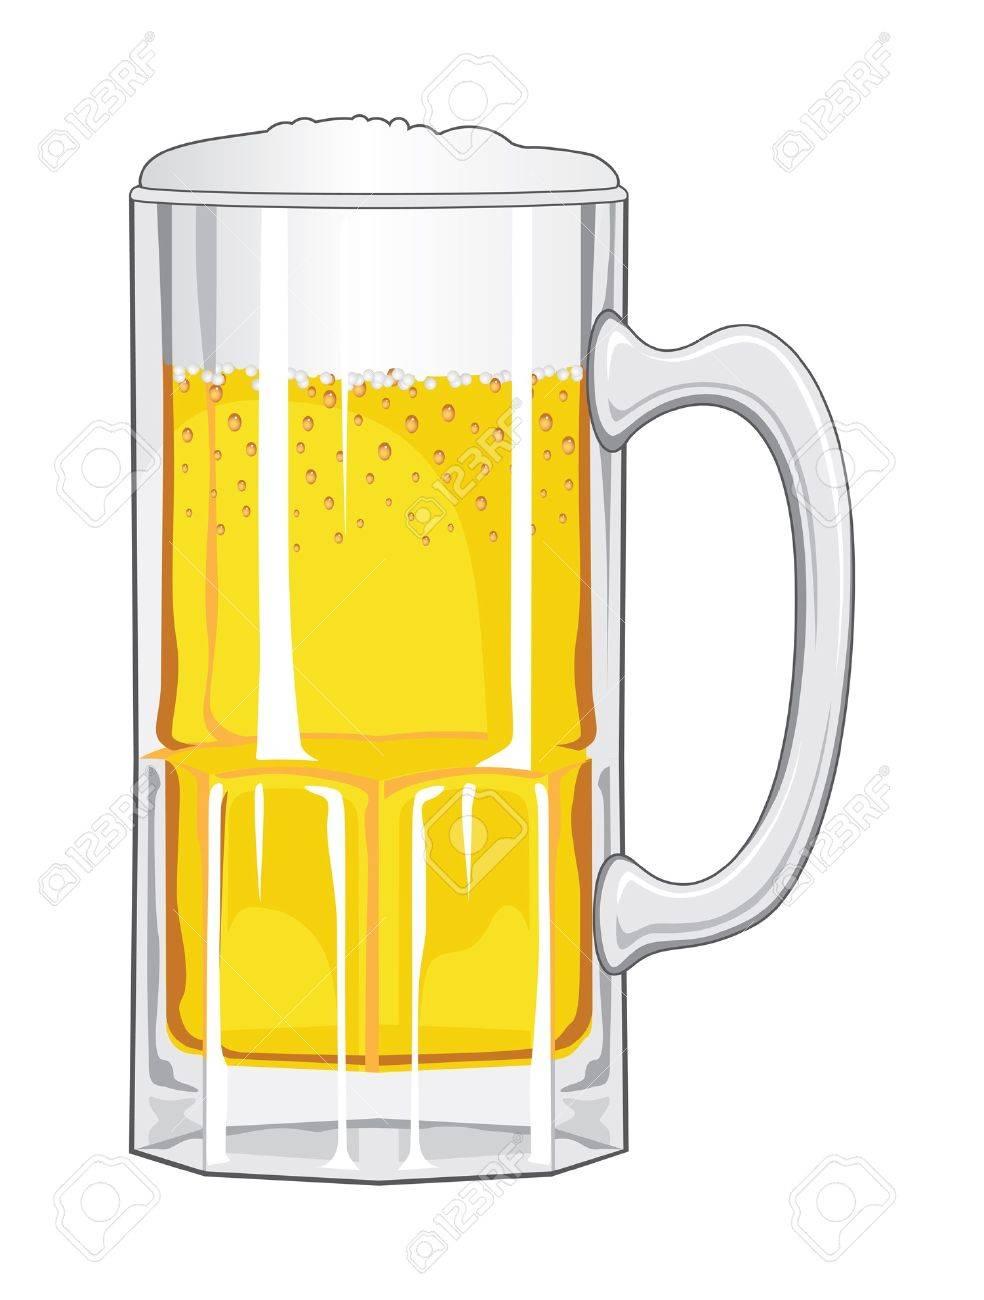 Vettoriale Beer Green E Un Esempio Di Un Boccale Di Birra In Vetro Verde Scintillante Formazione Di Schiuma E Per Il Giorno Di St Patrick Image 14299094